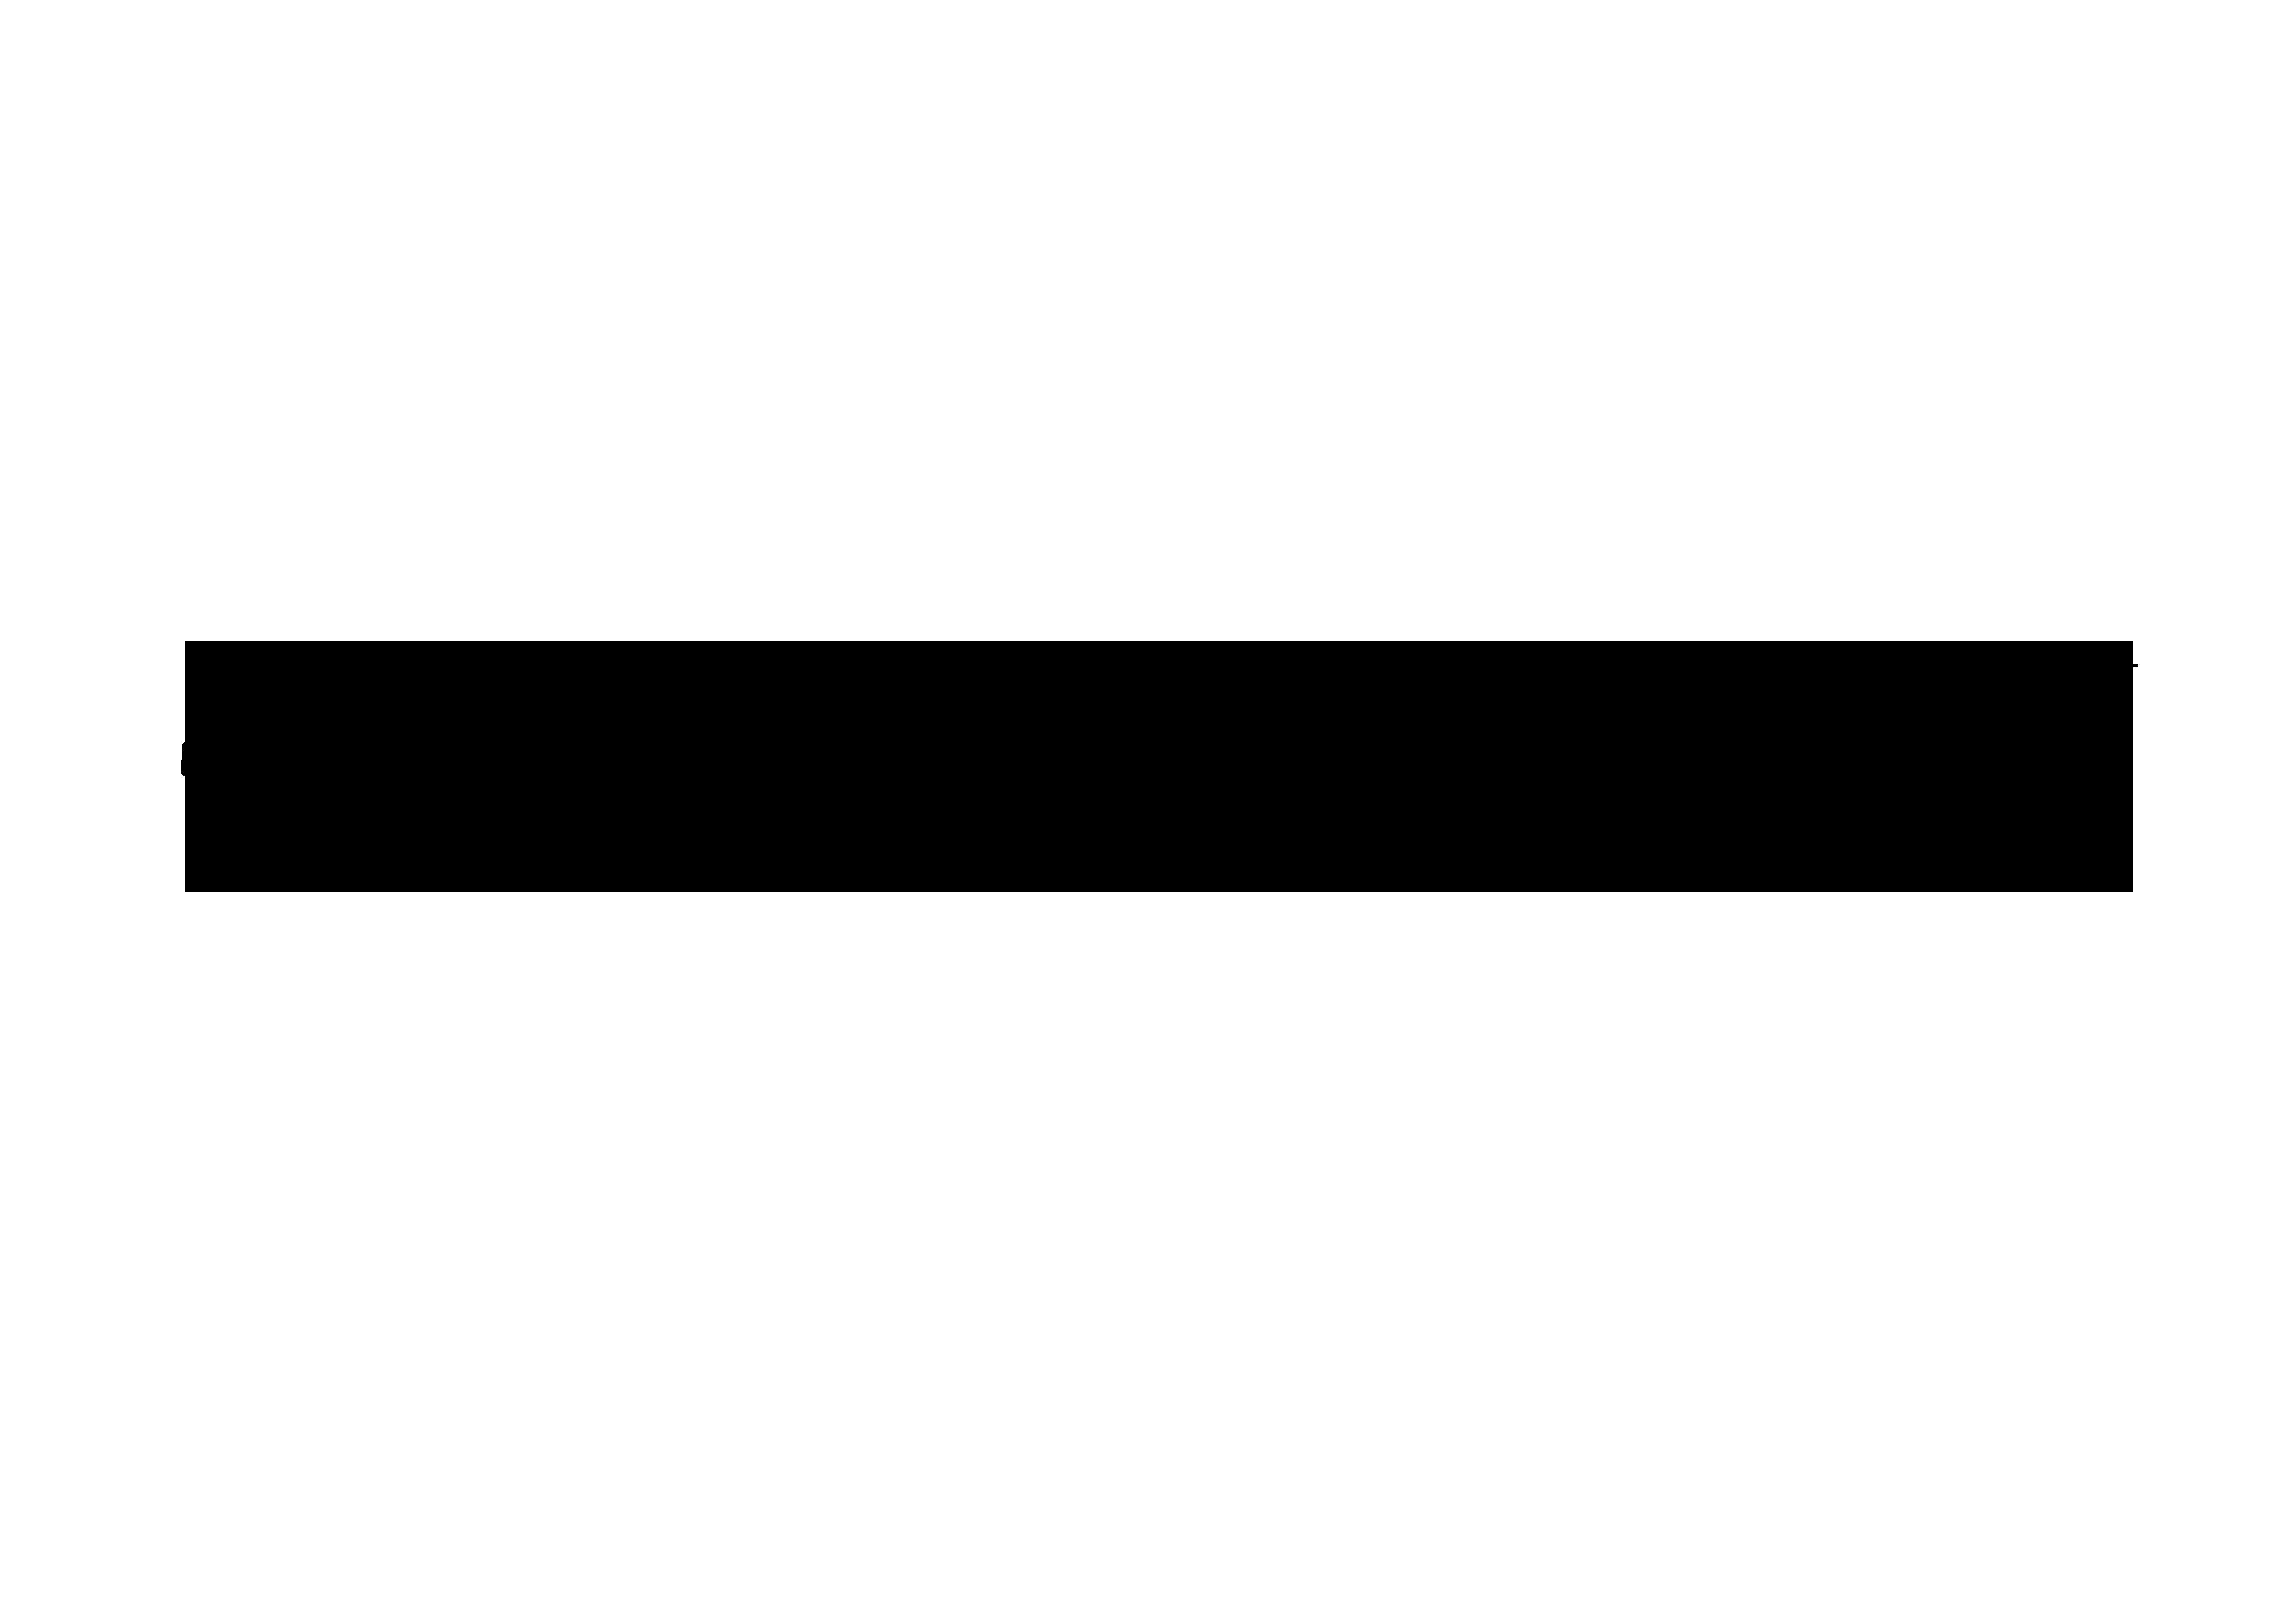 The Savile Row Company logo